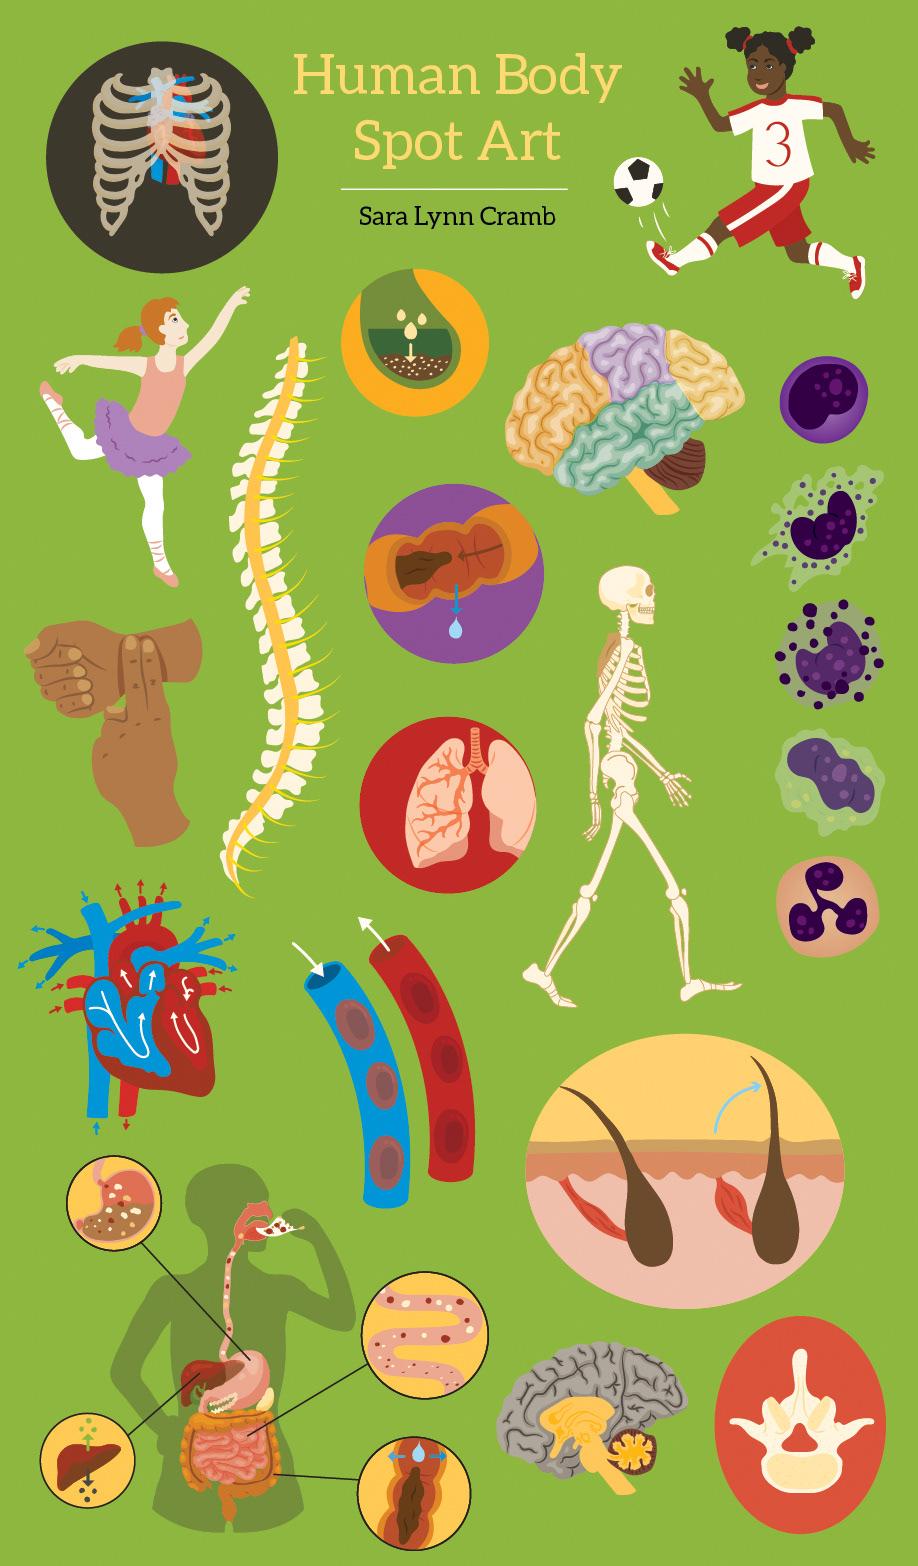 Human body spot art